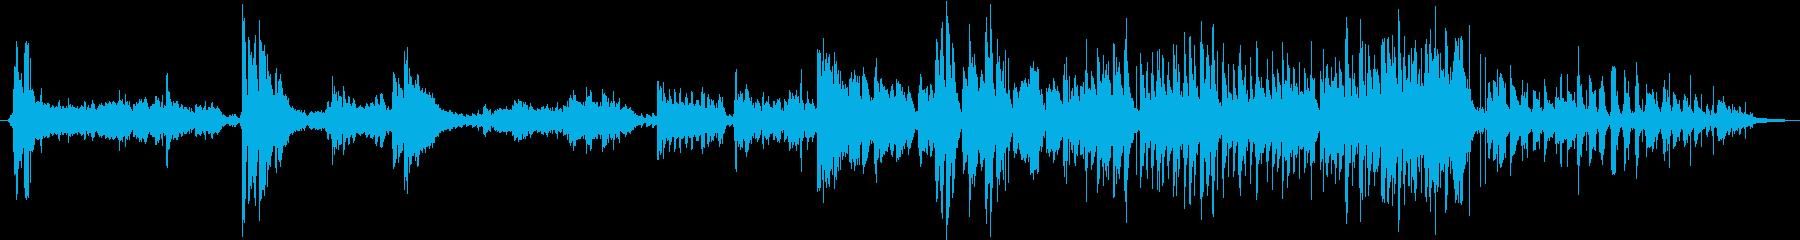 エスニック。伝統的な即興の歌。アフ...の再生済みの波形